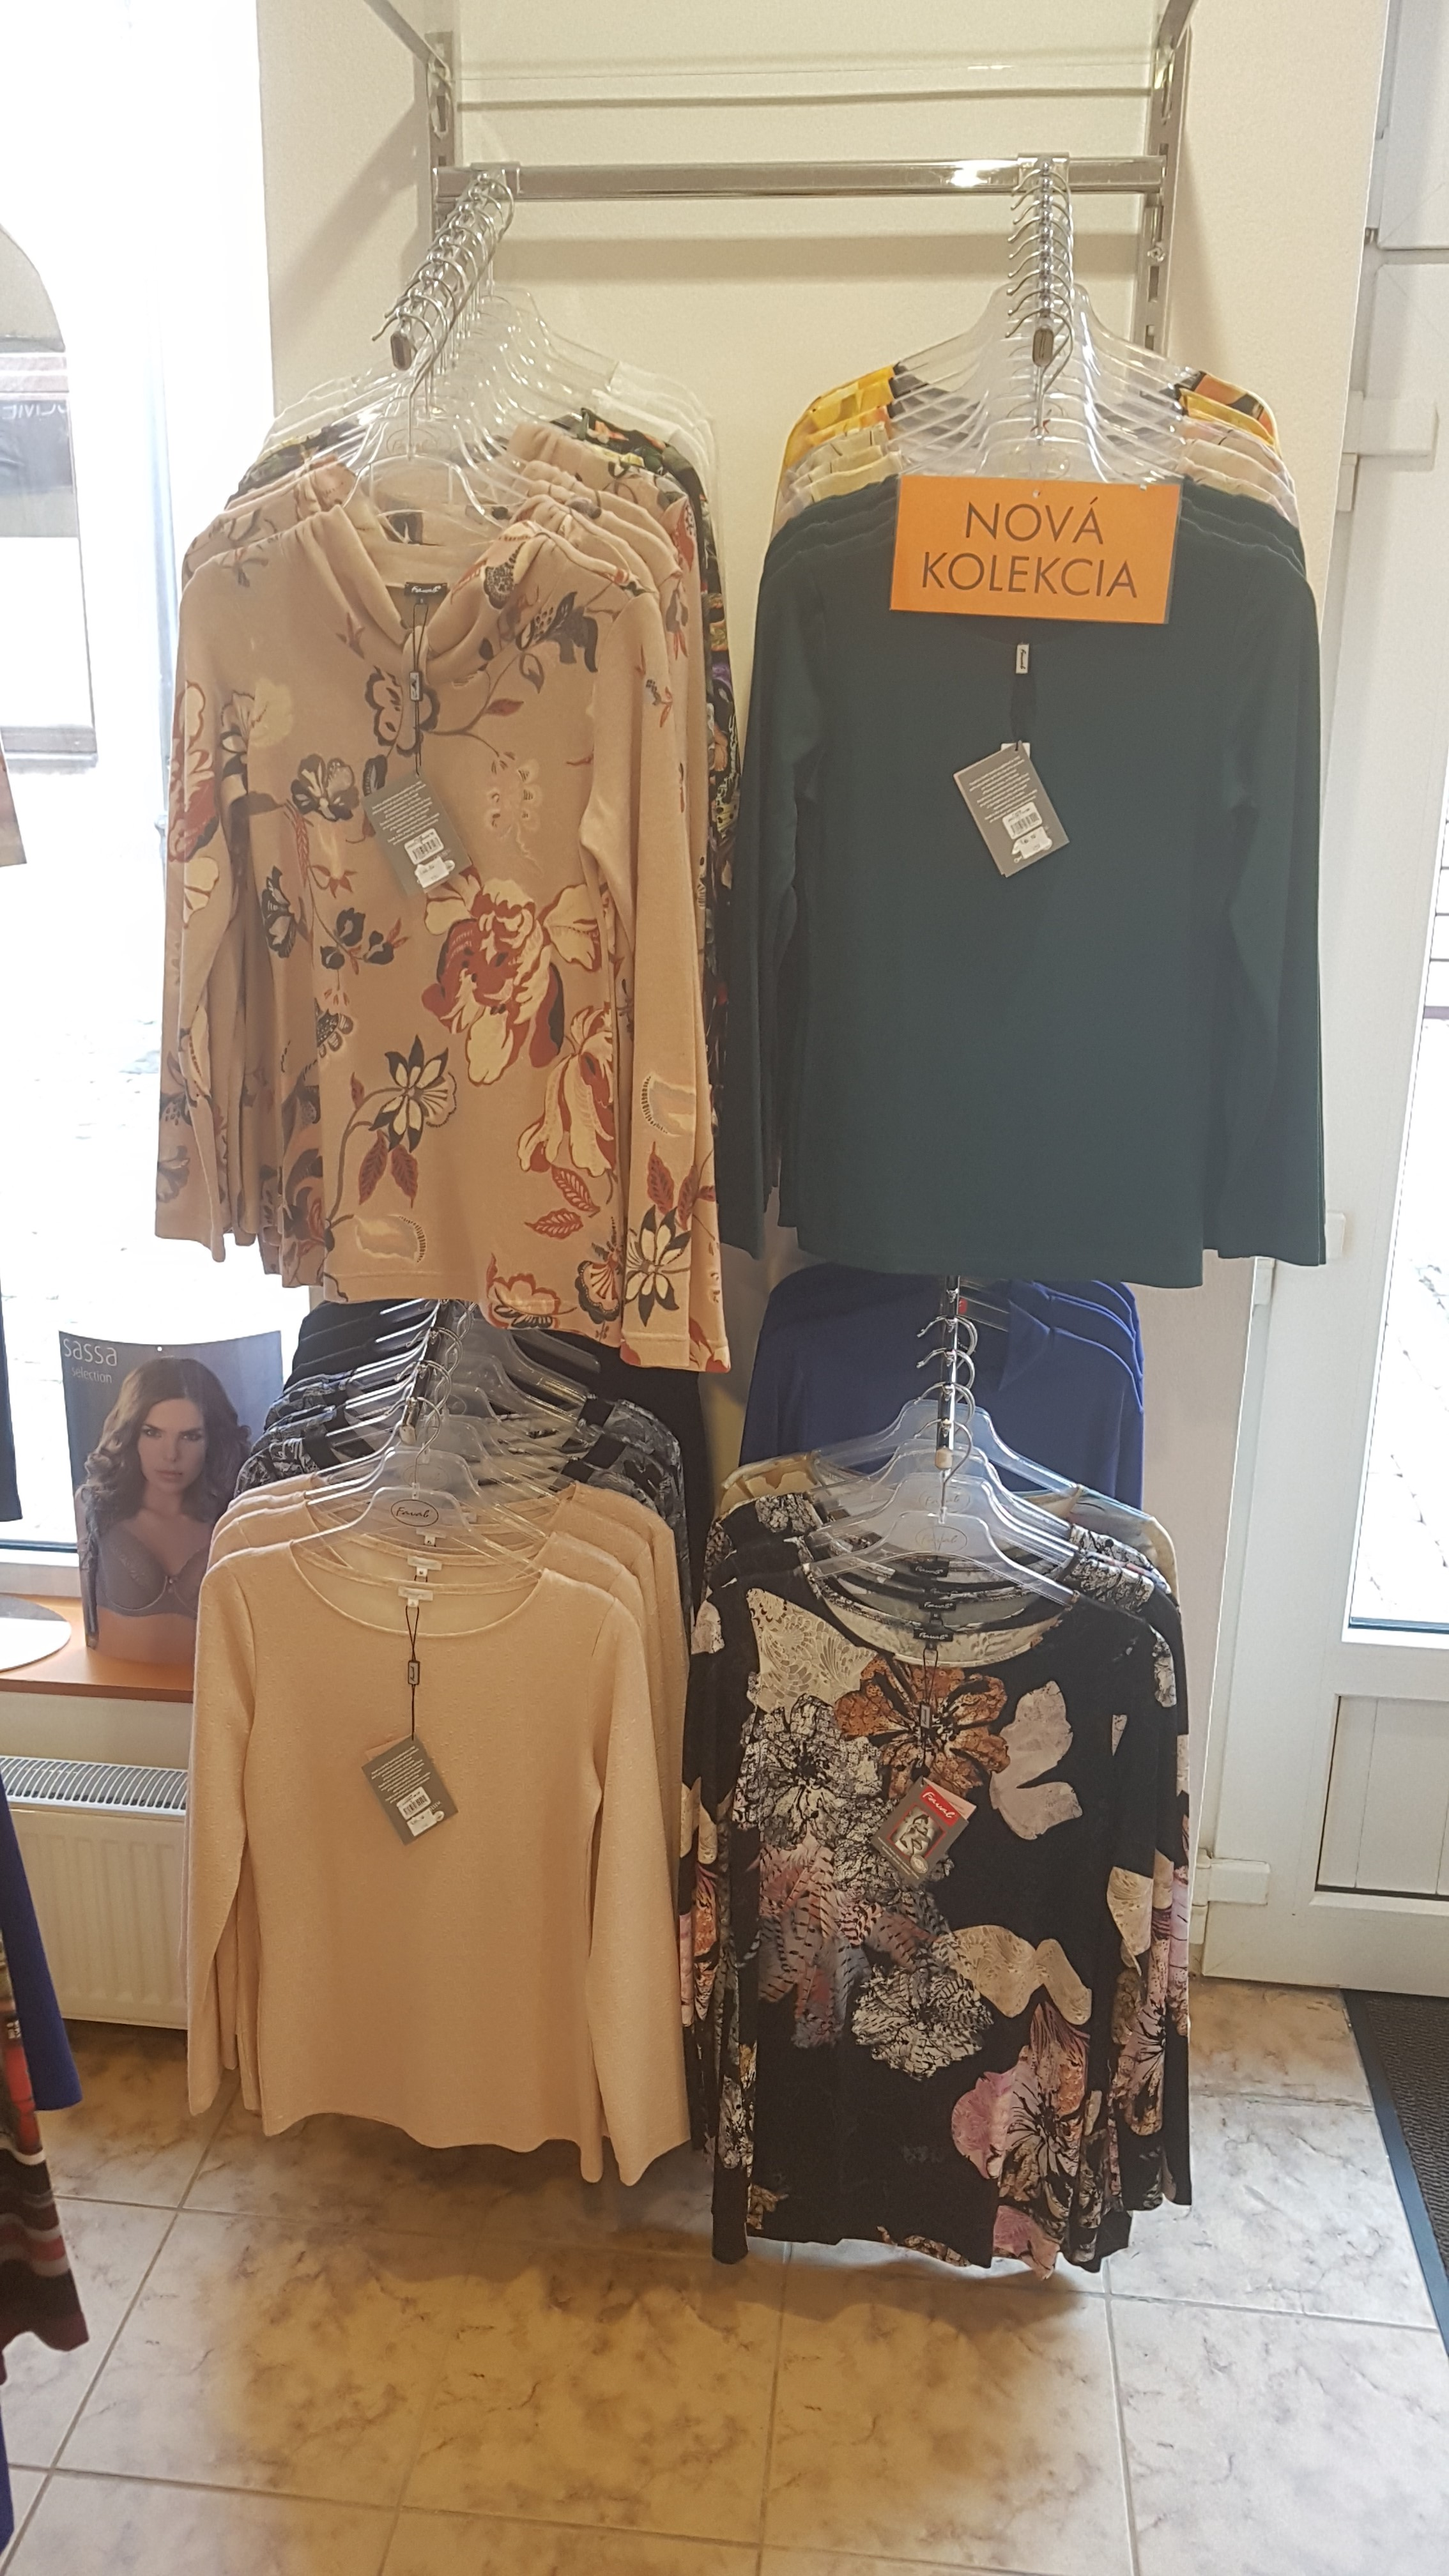 dd77b6f886 Značkové oblečenie Favab Značkové oblečenie Favab Topoľčany